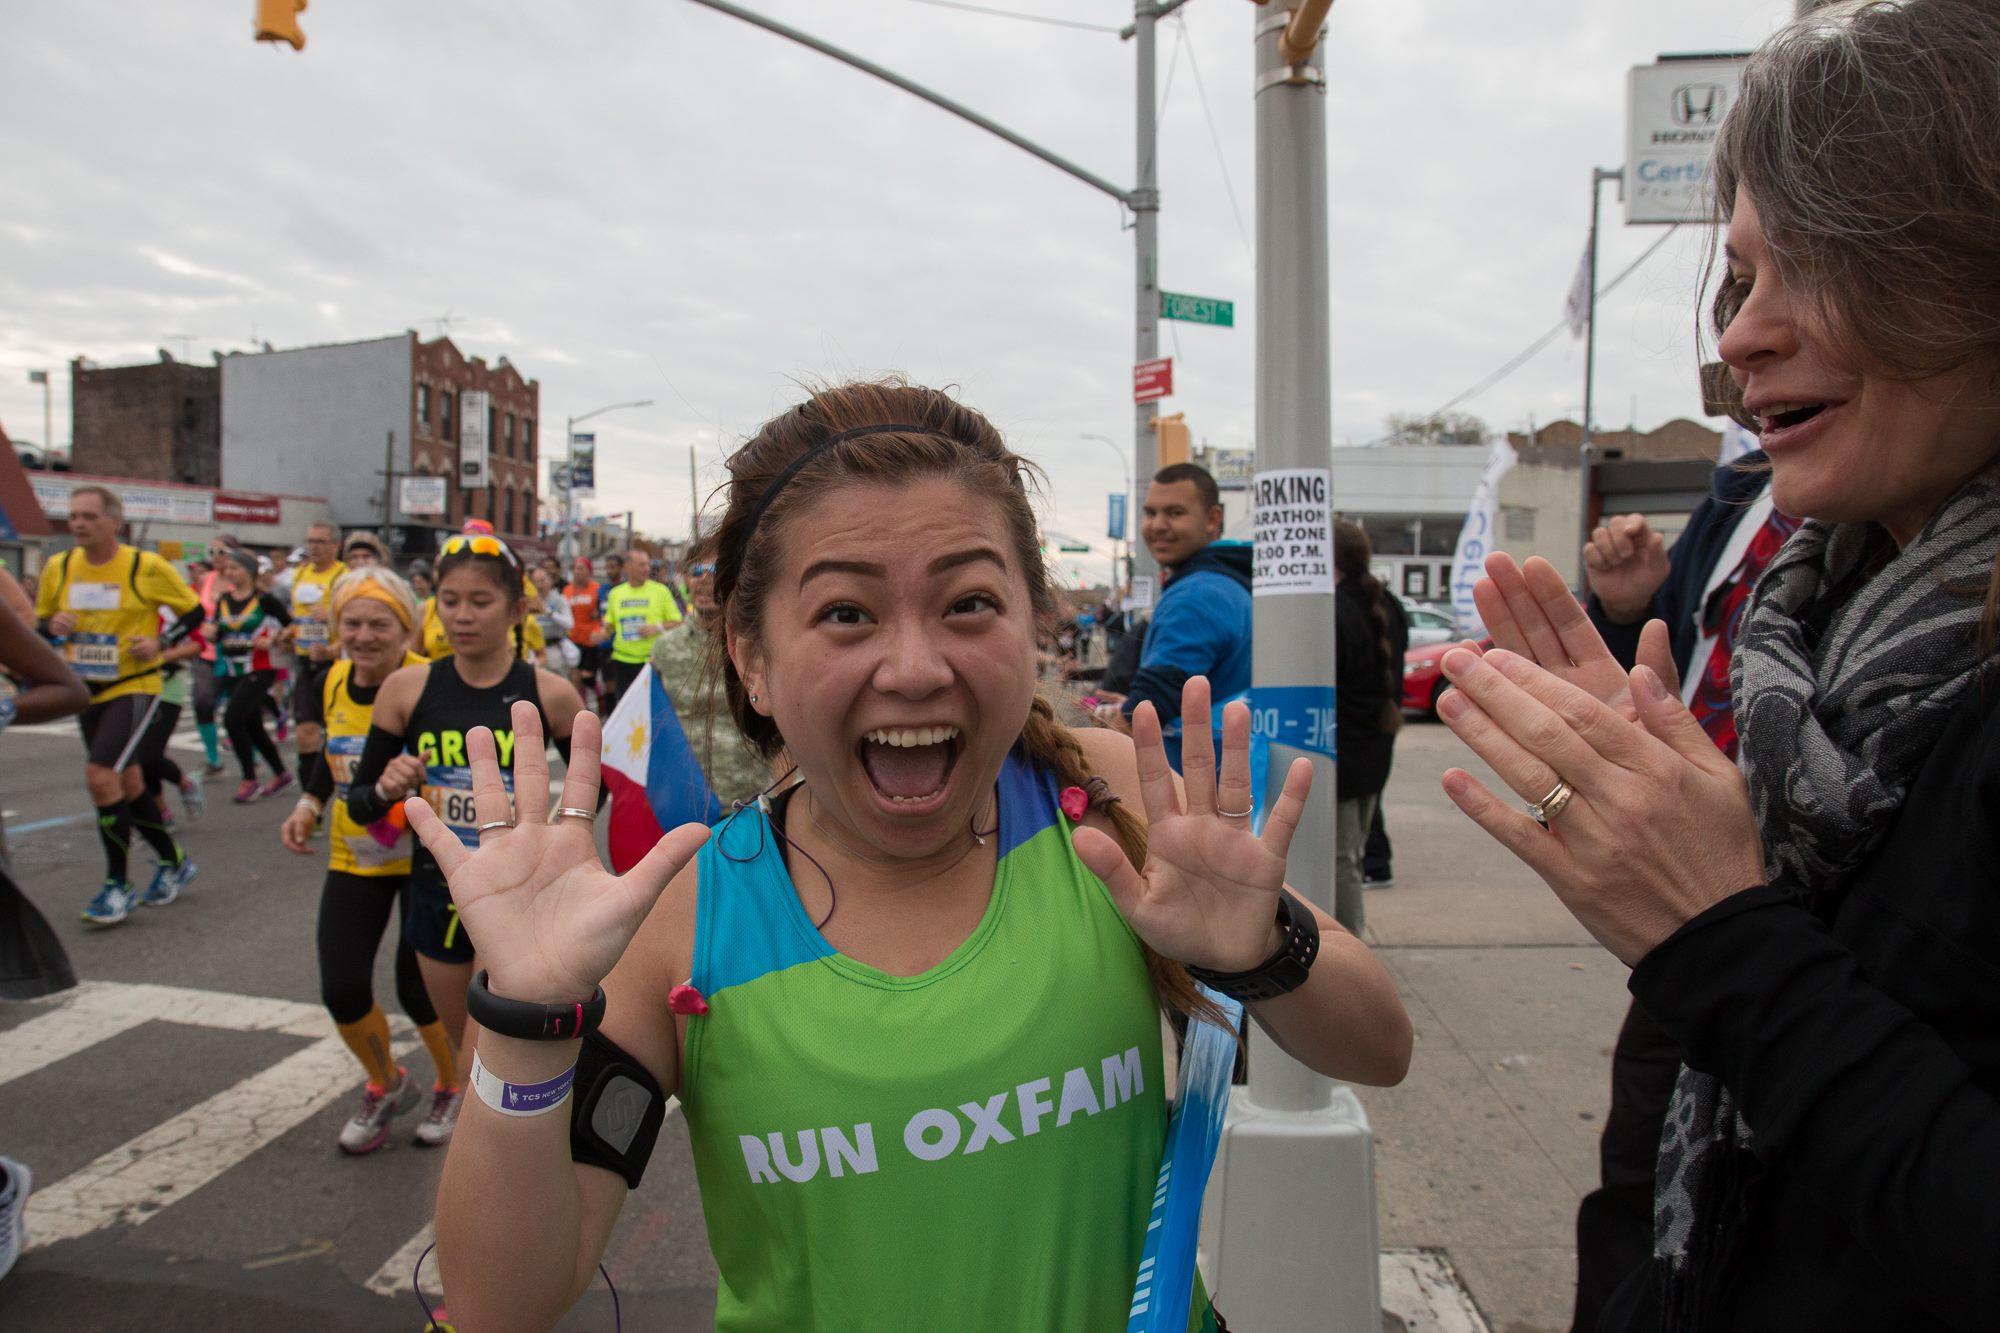 risa xu nyc marathon brooklyn 2015